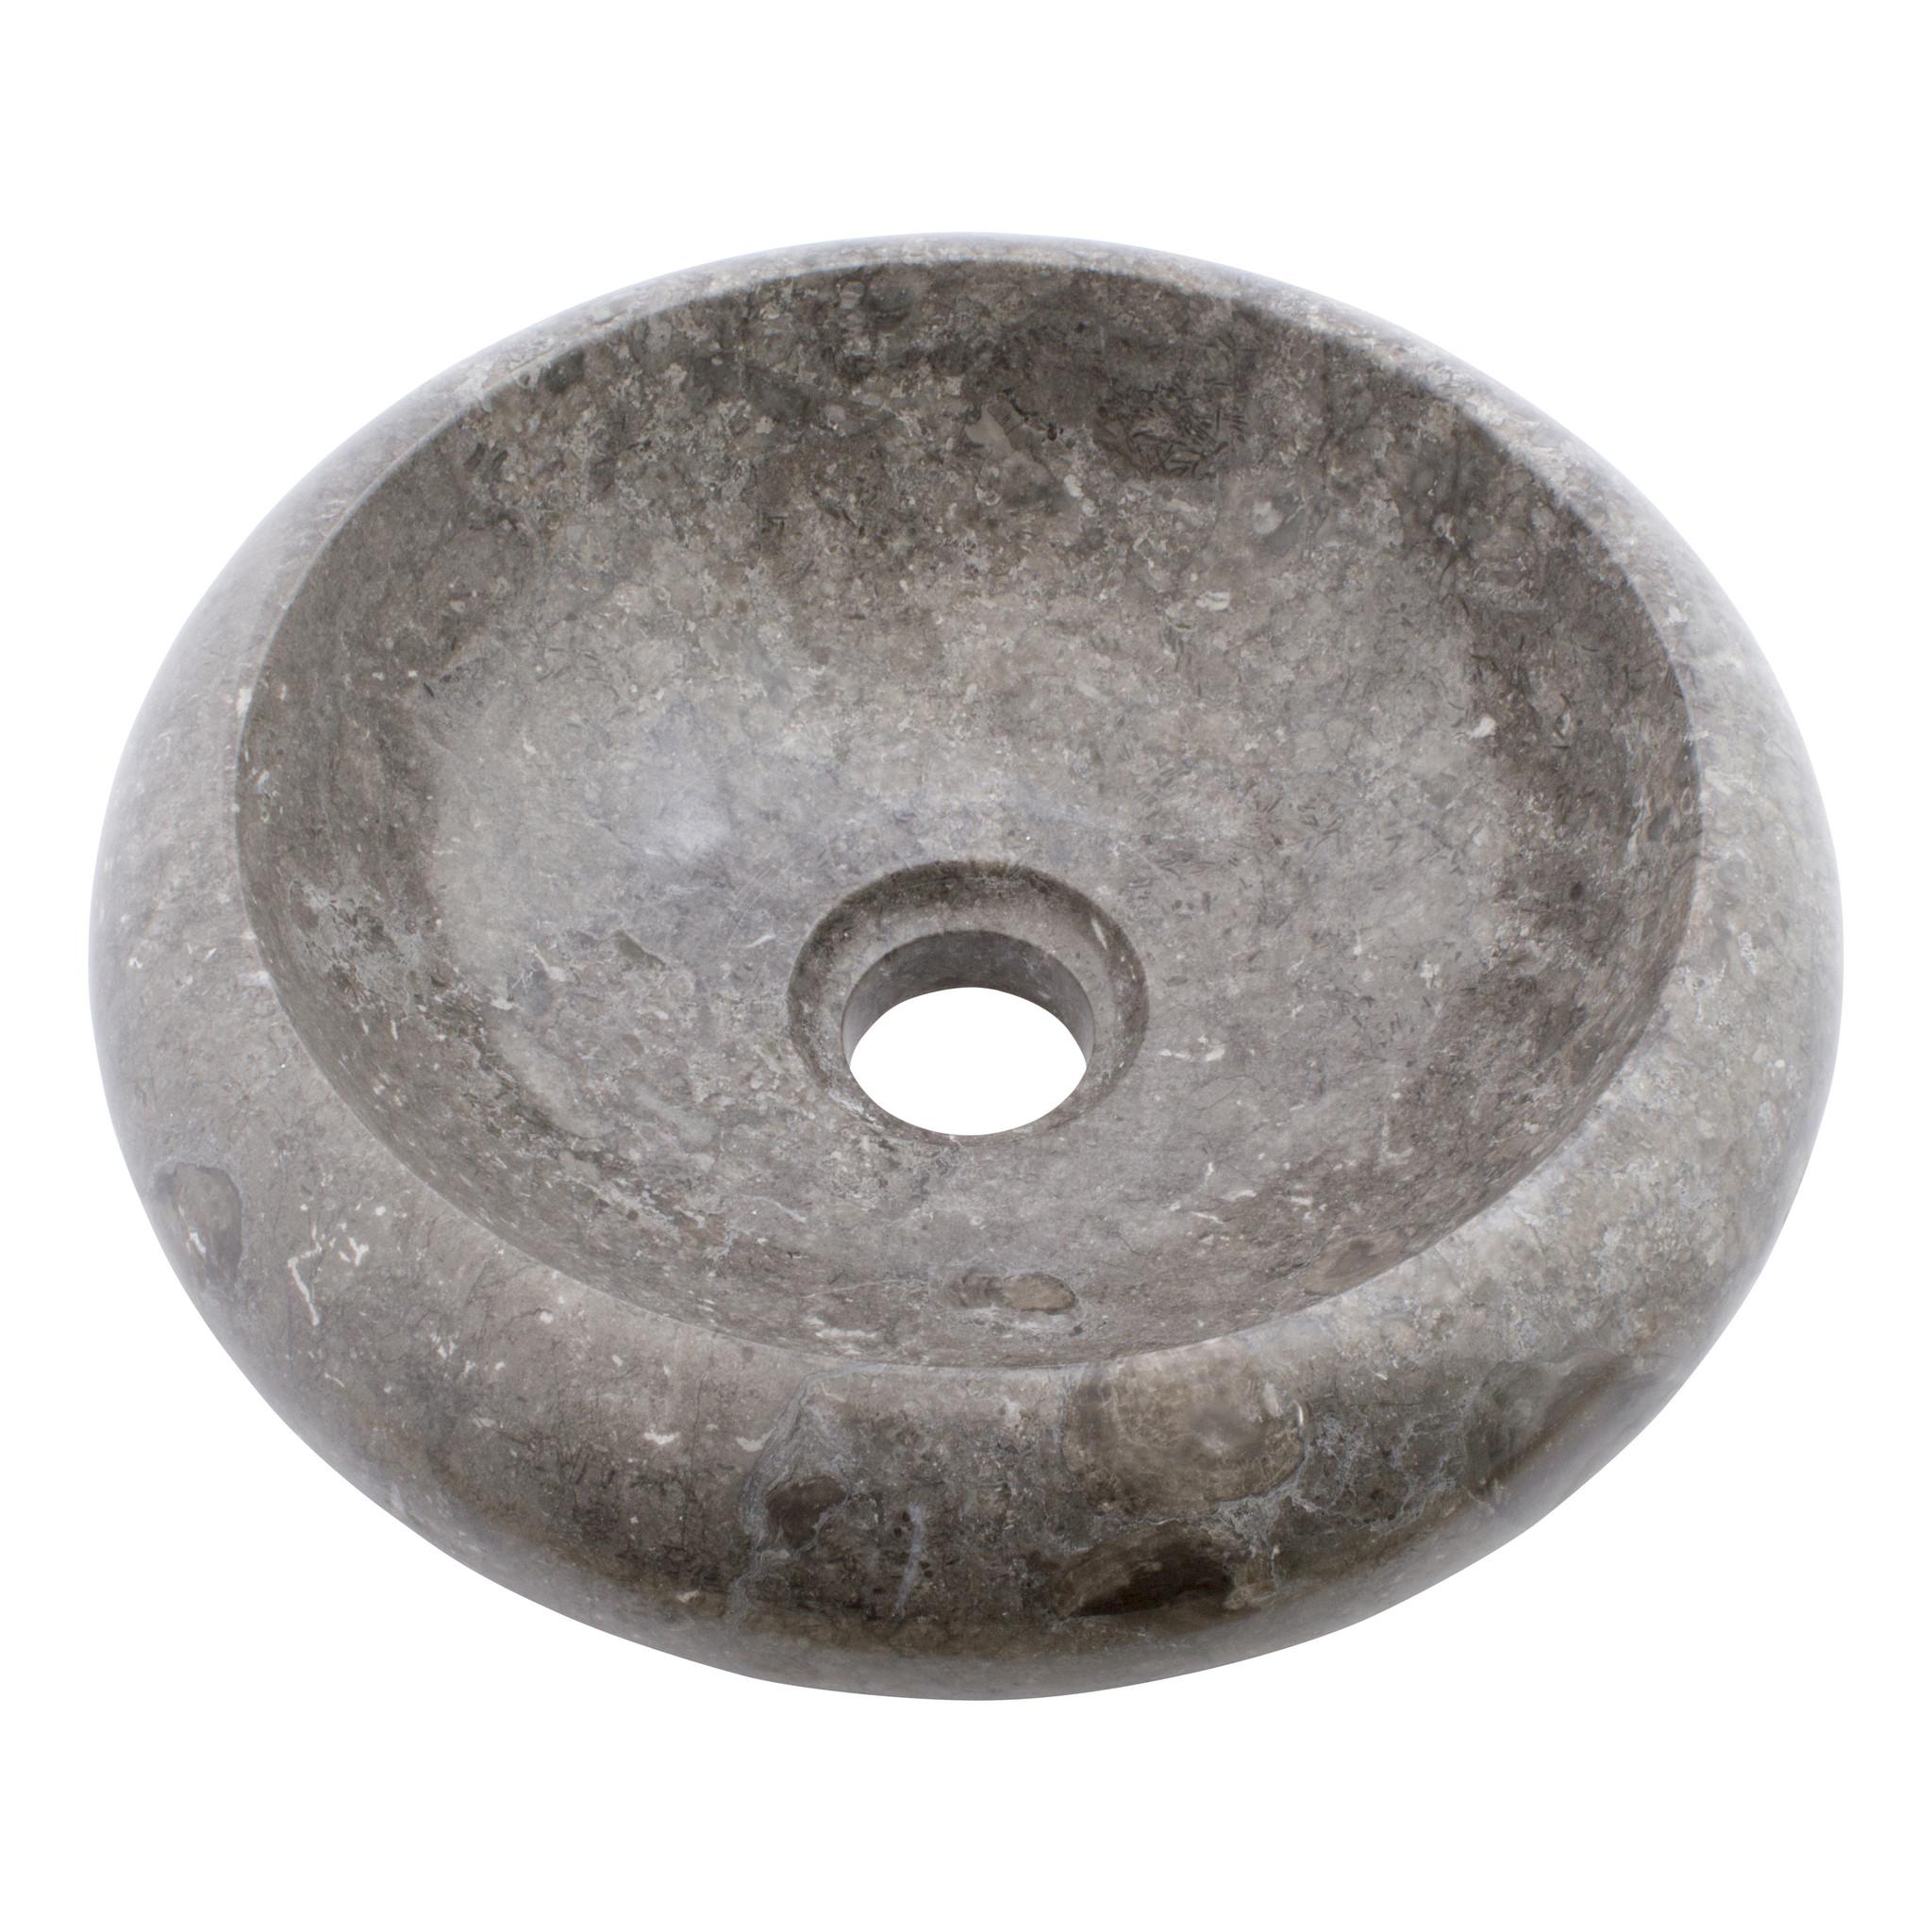 Indomarmer Waskom Donut Grijs Marmer Ø 30 x H 10 cm